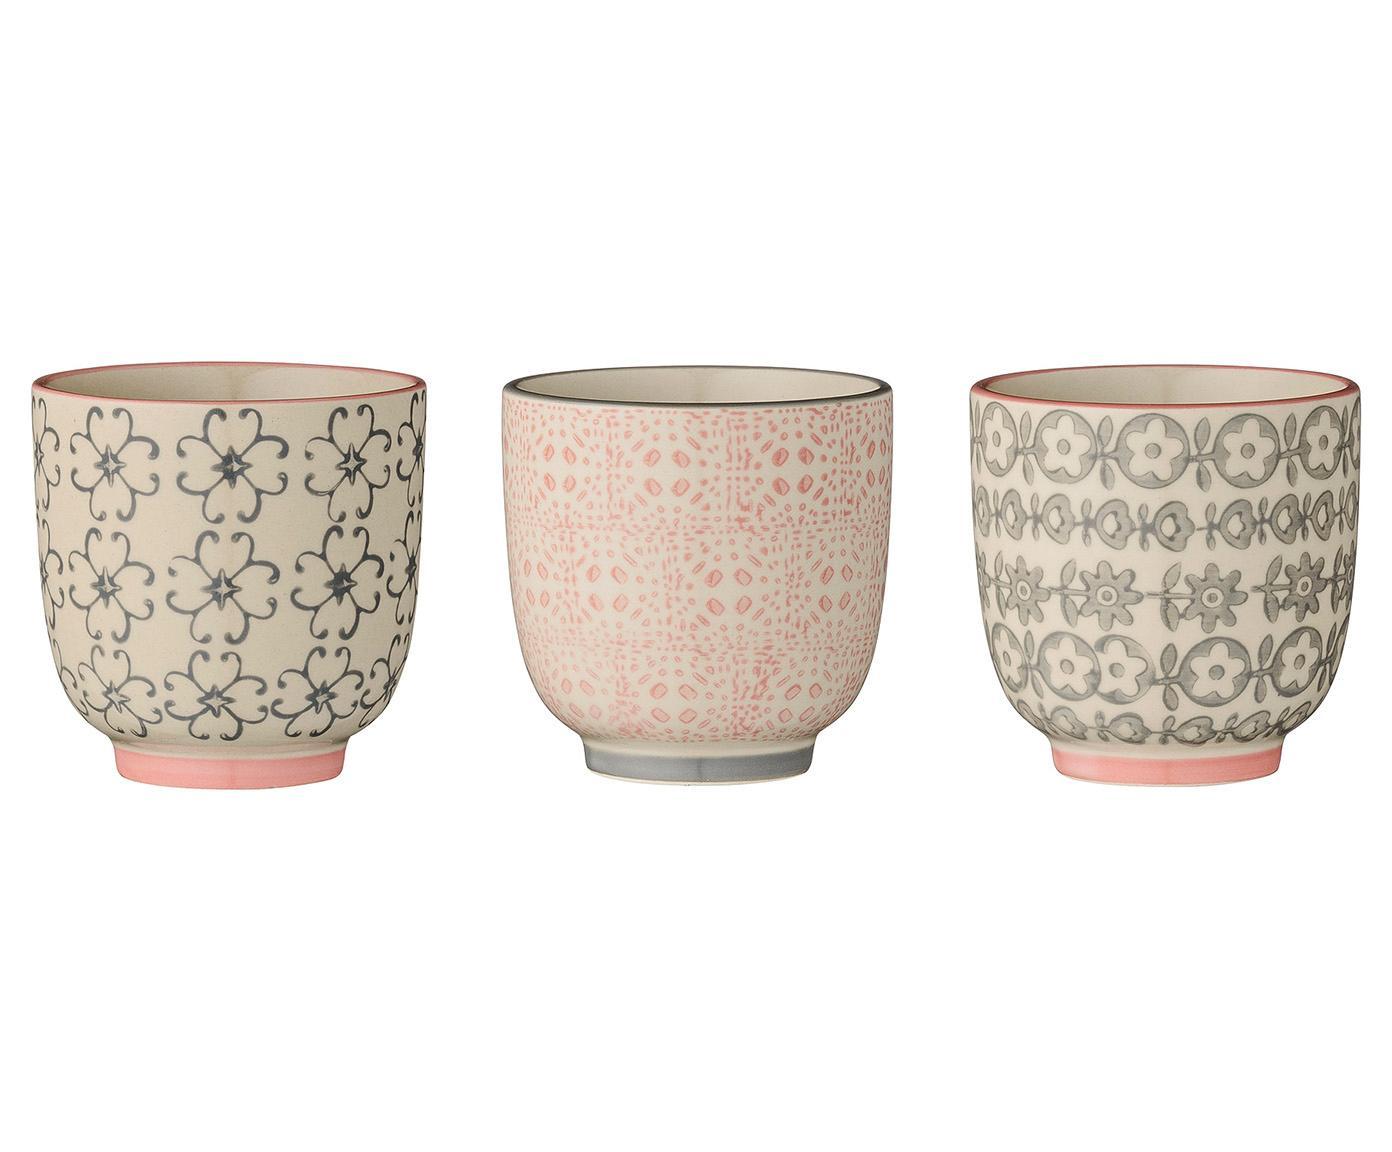 Espressobecher Cécile mit kleinem Muster, 3er-Set, Keramik, Rosa, Grau, Ø 7 x H 7 cm